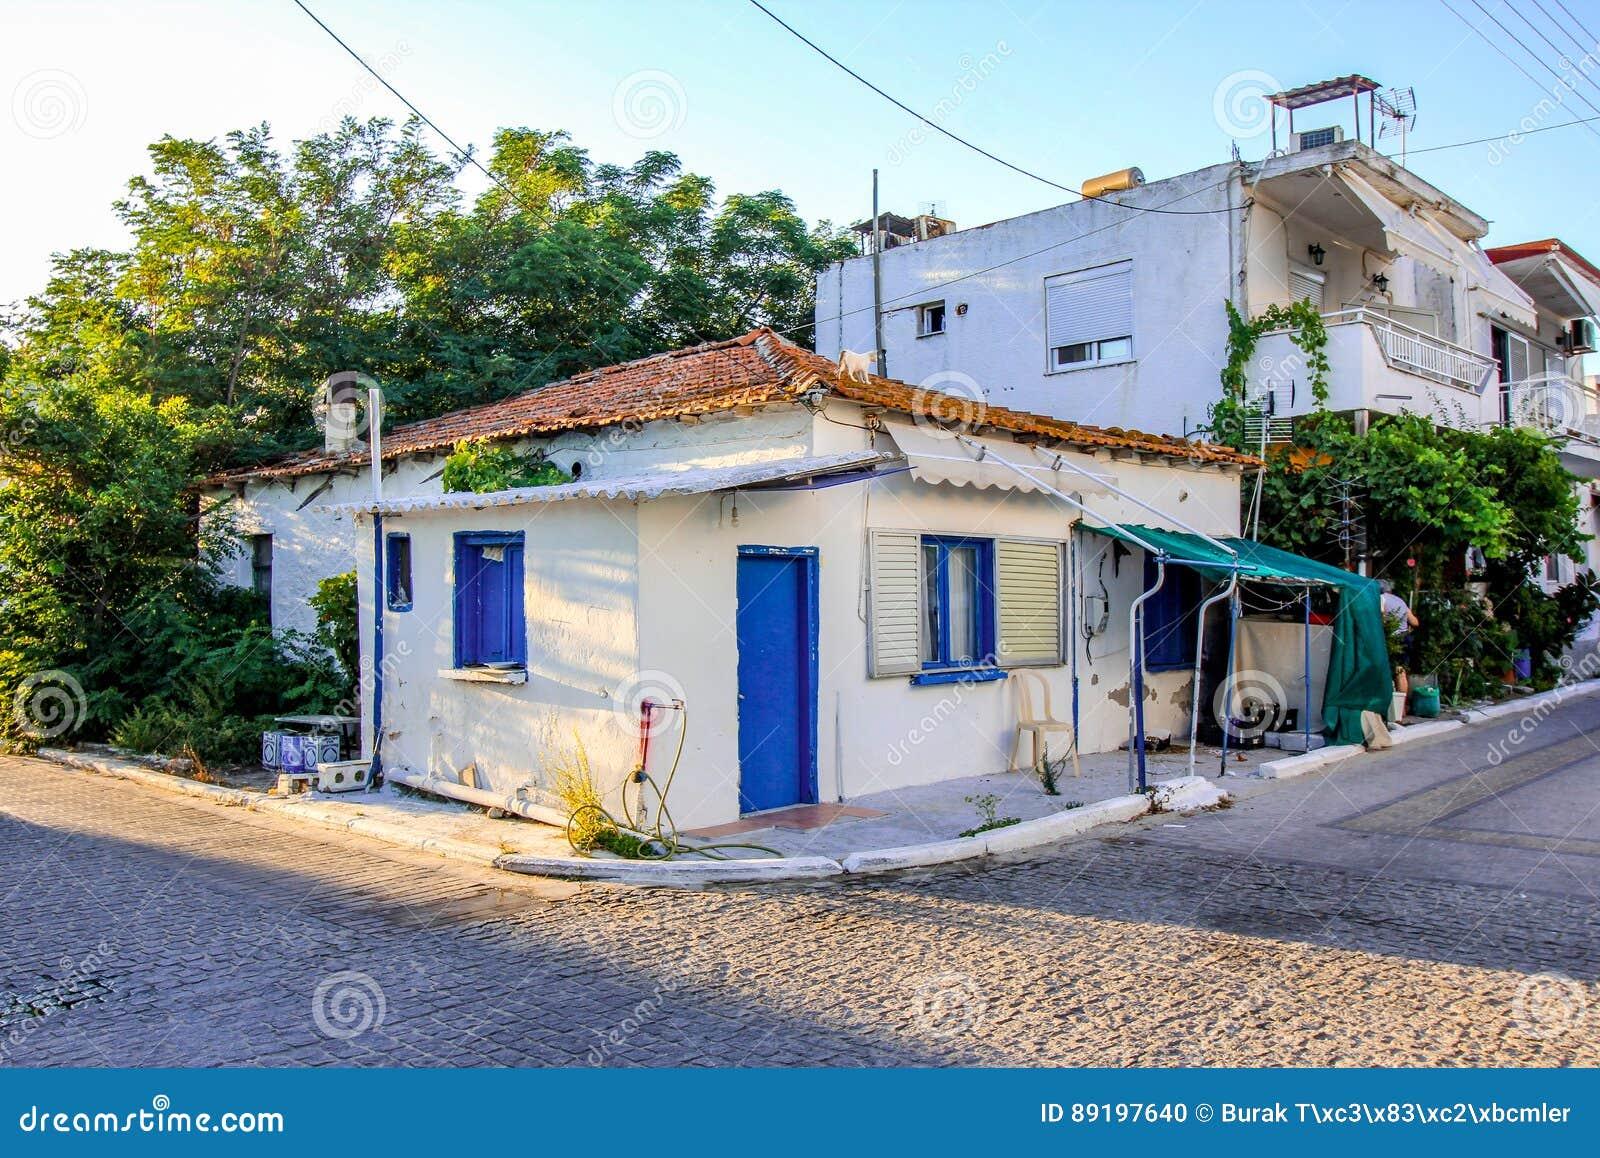 Halkidiki grecia 12 de julio de 2016 fachada de una for Fachadas de casas con ventanas blancas